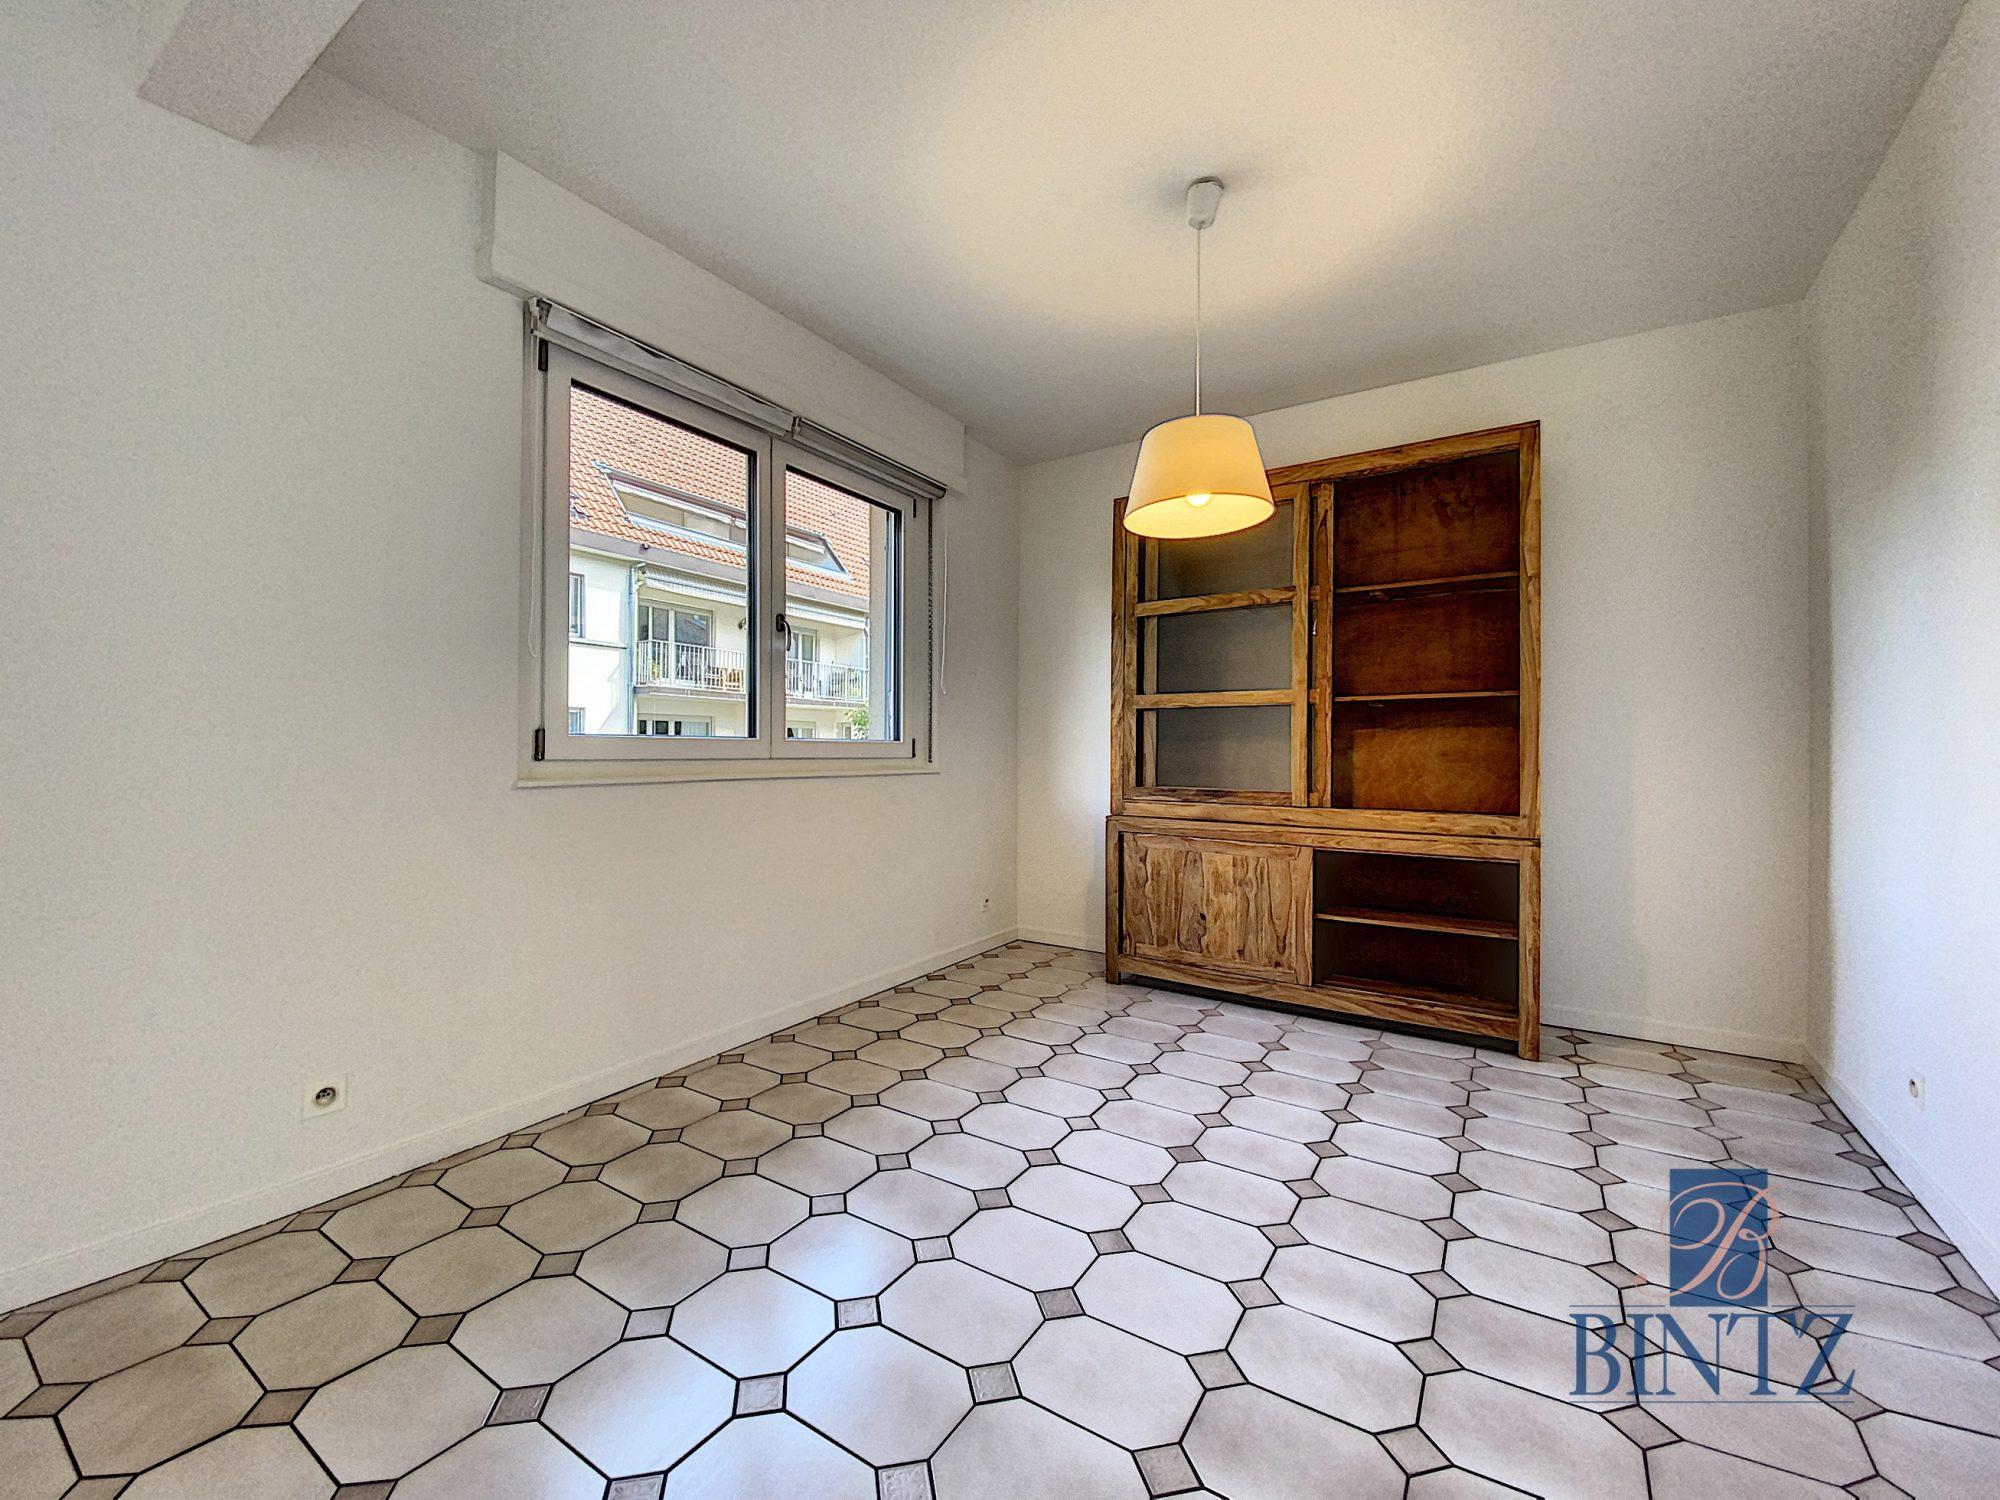 MAISON A LOUER ROBERTSAU - Devenez locataire en toute sérénité - Bintz Immobilier - 18